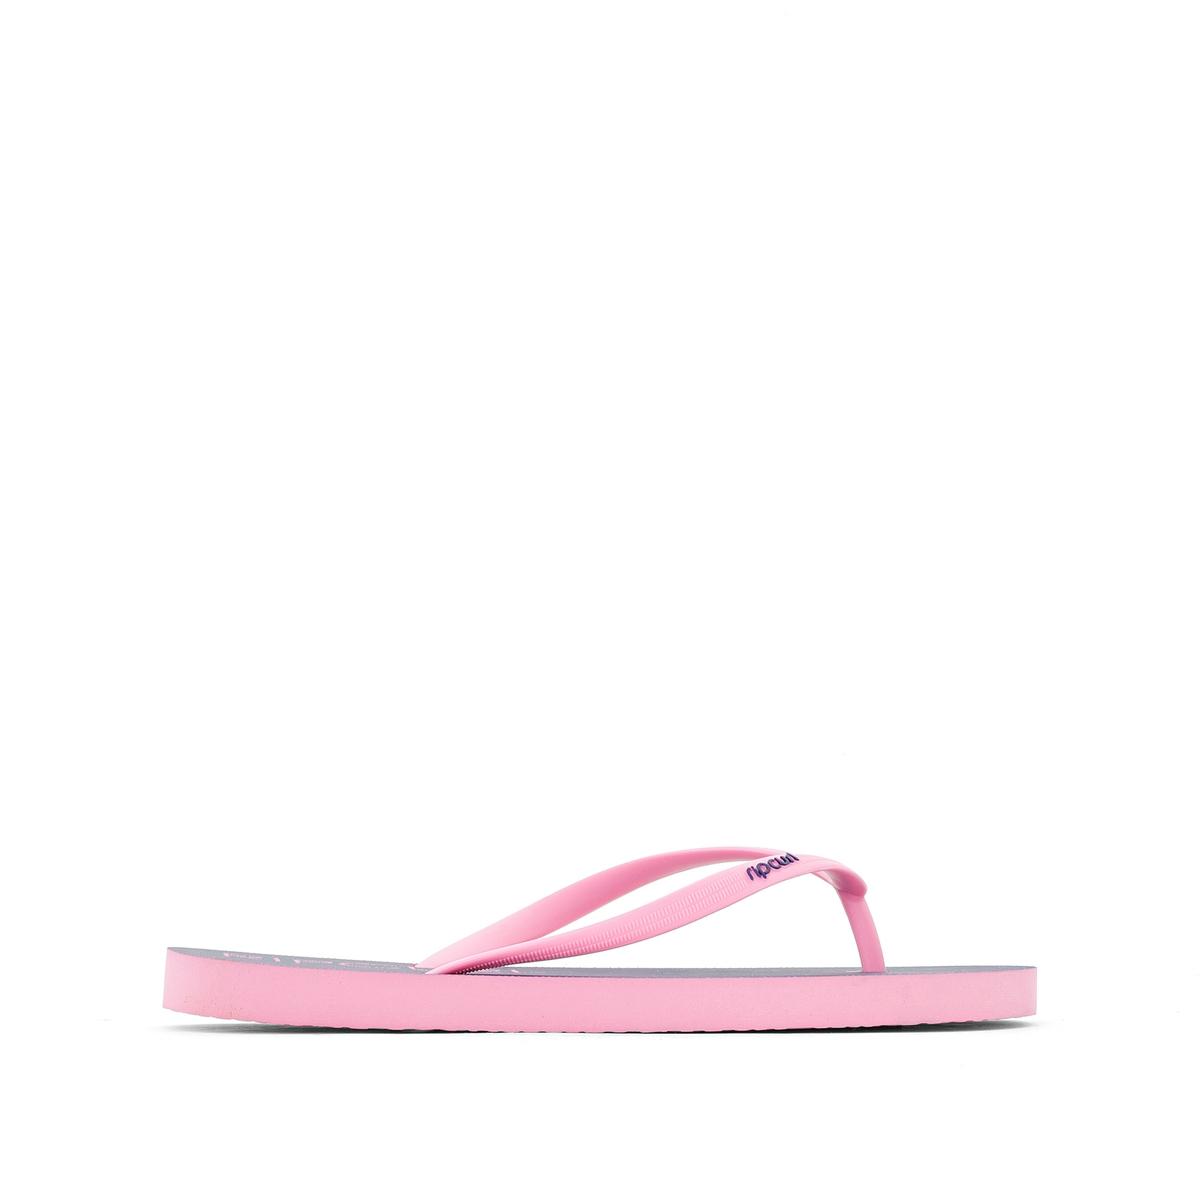 Вьетнамки BondiВерх/Голенище : каучук     Стелька : синтетика     Подошва : каучук     Форма каблука : плоский каблук     Мысок : открытый мысок     Застежка : без застежки<br><br>Цвет: розовый/ синий